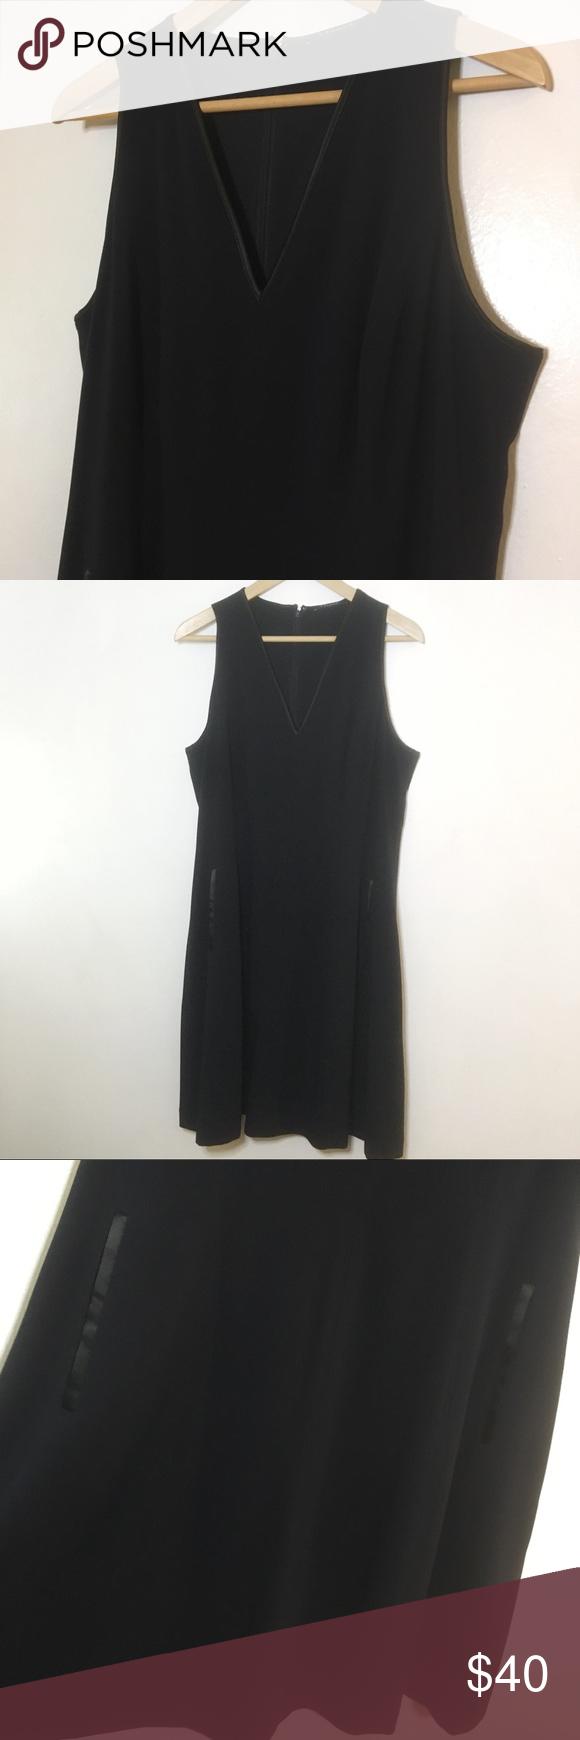 T Tahari Black Sleeveless Dress Sleek Black Tank Dress With Satiny Trim From T Tahari V Neck Collar Black Sleeveless Dress Black Tank Dress Sleeveless Dress [ 1740 x 580 Pixel ]